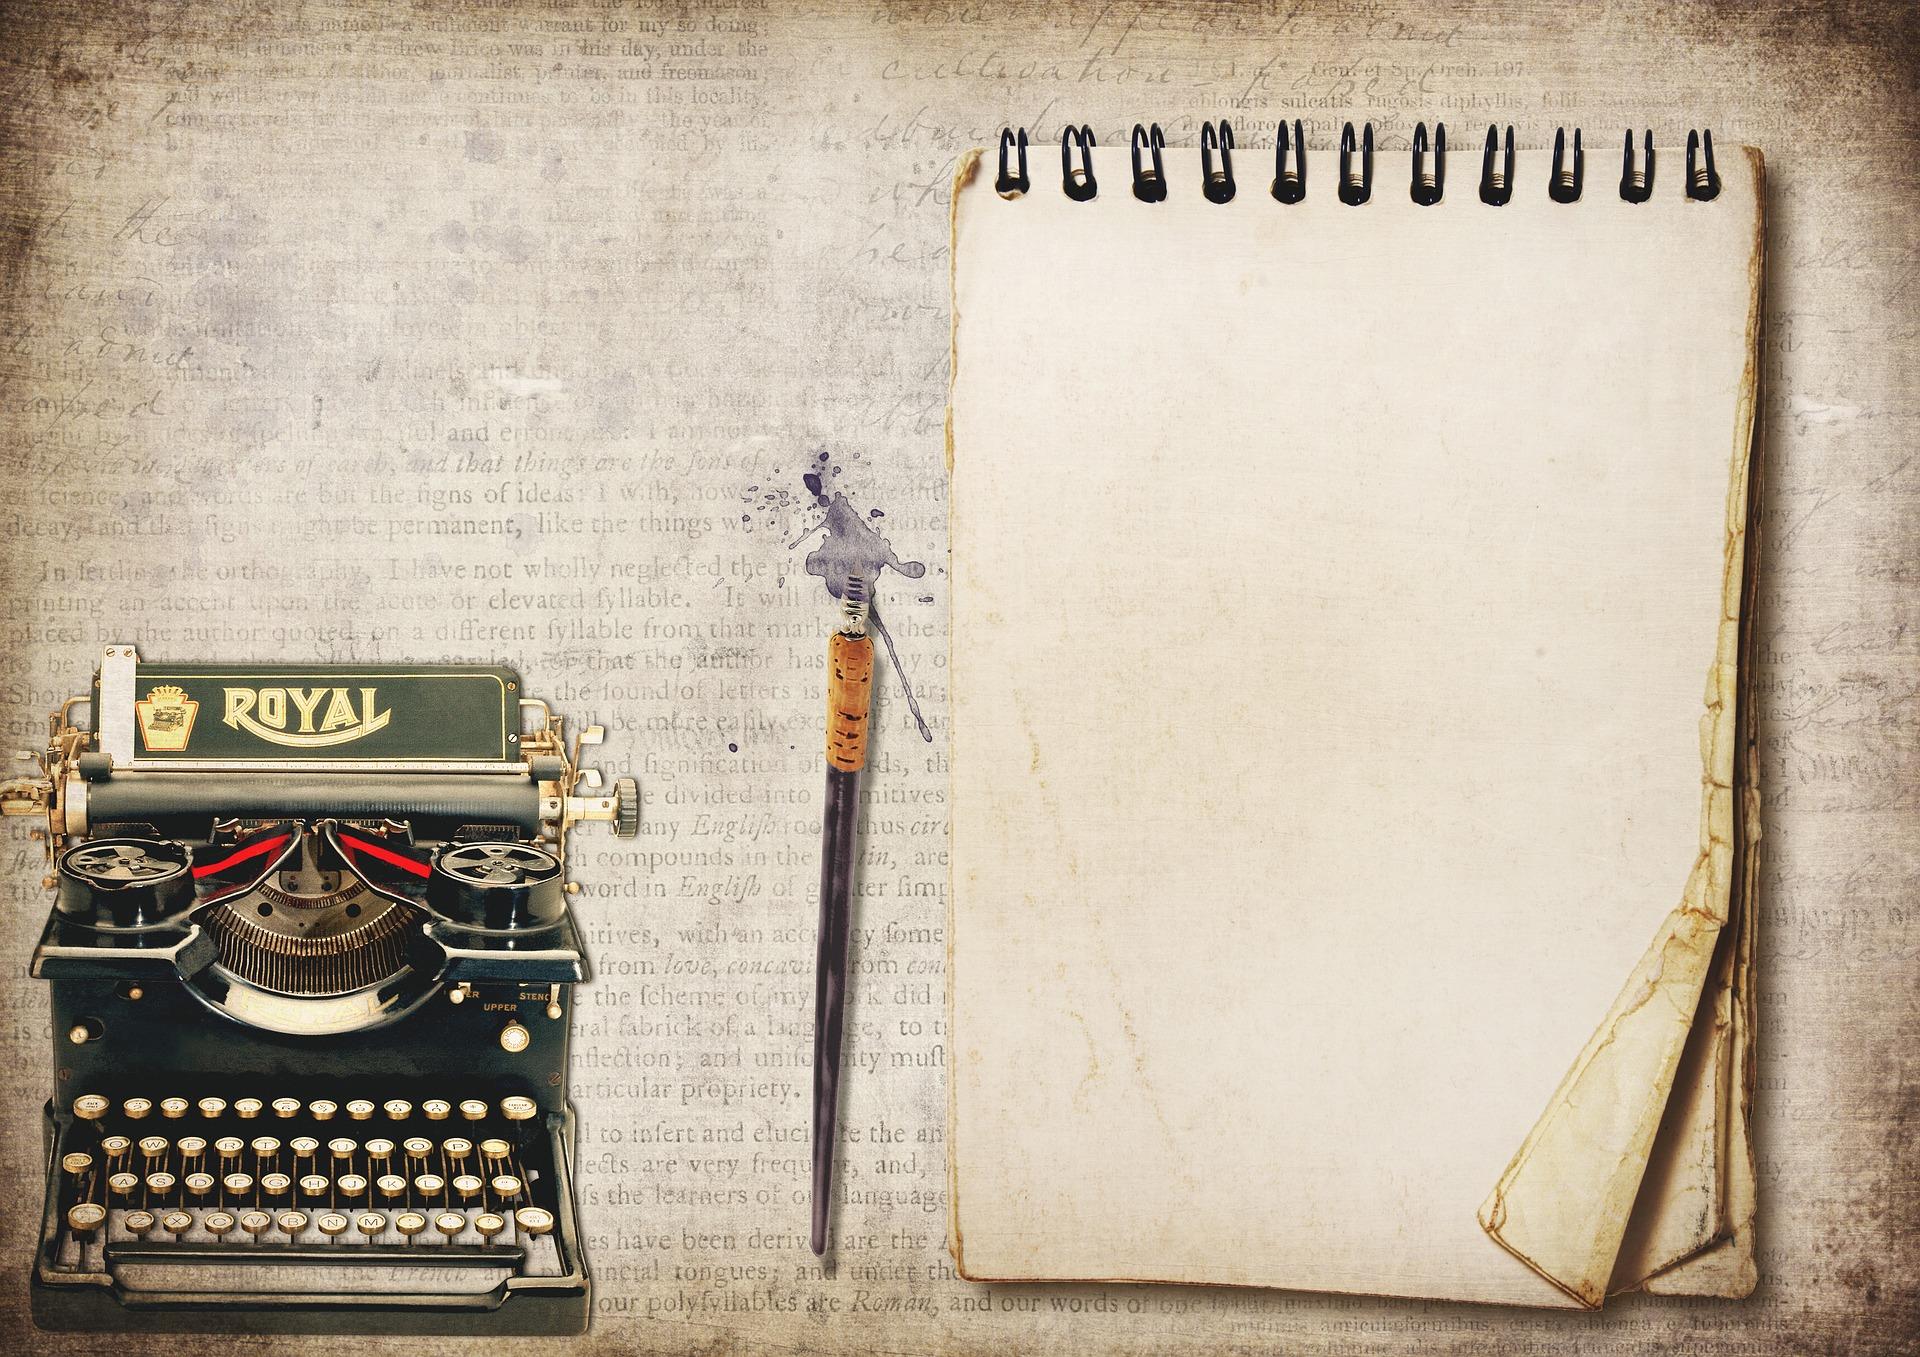 typewriter-3583552_1920 (1)